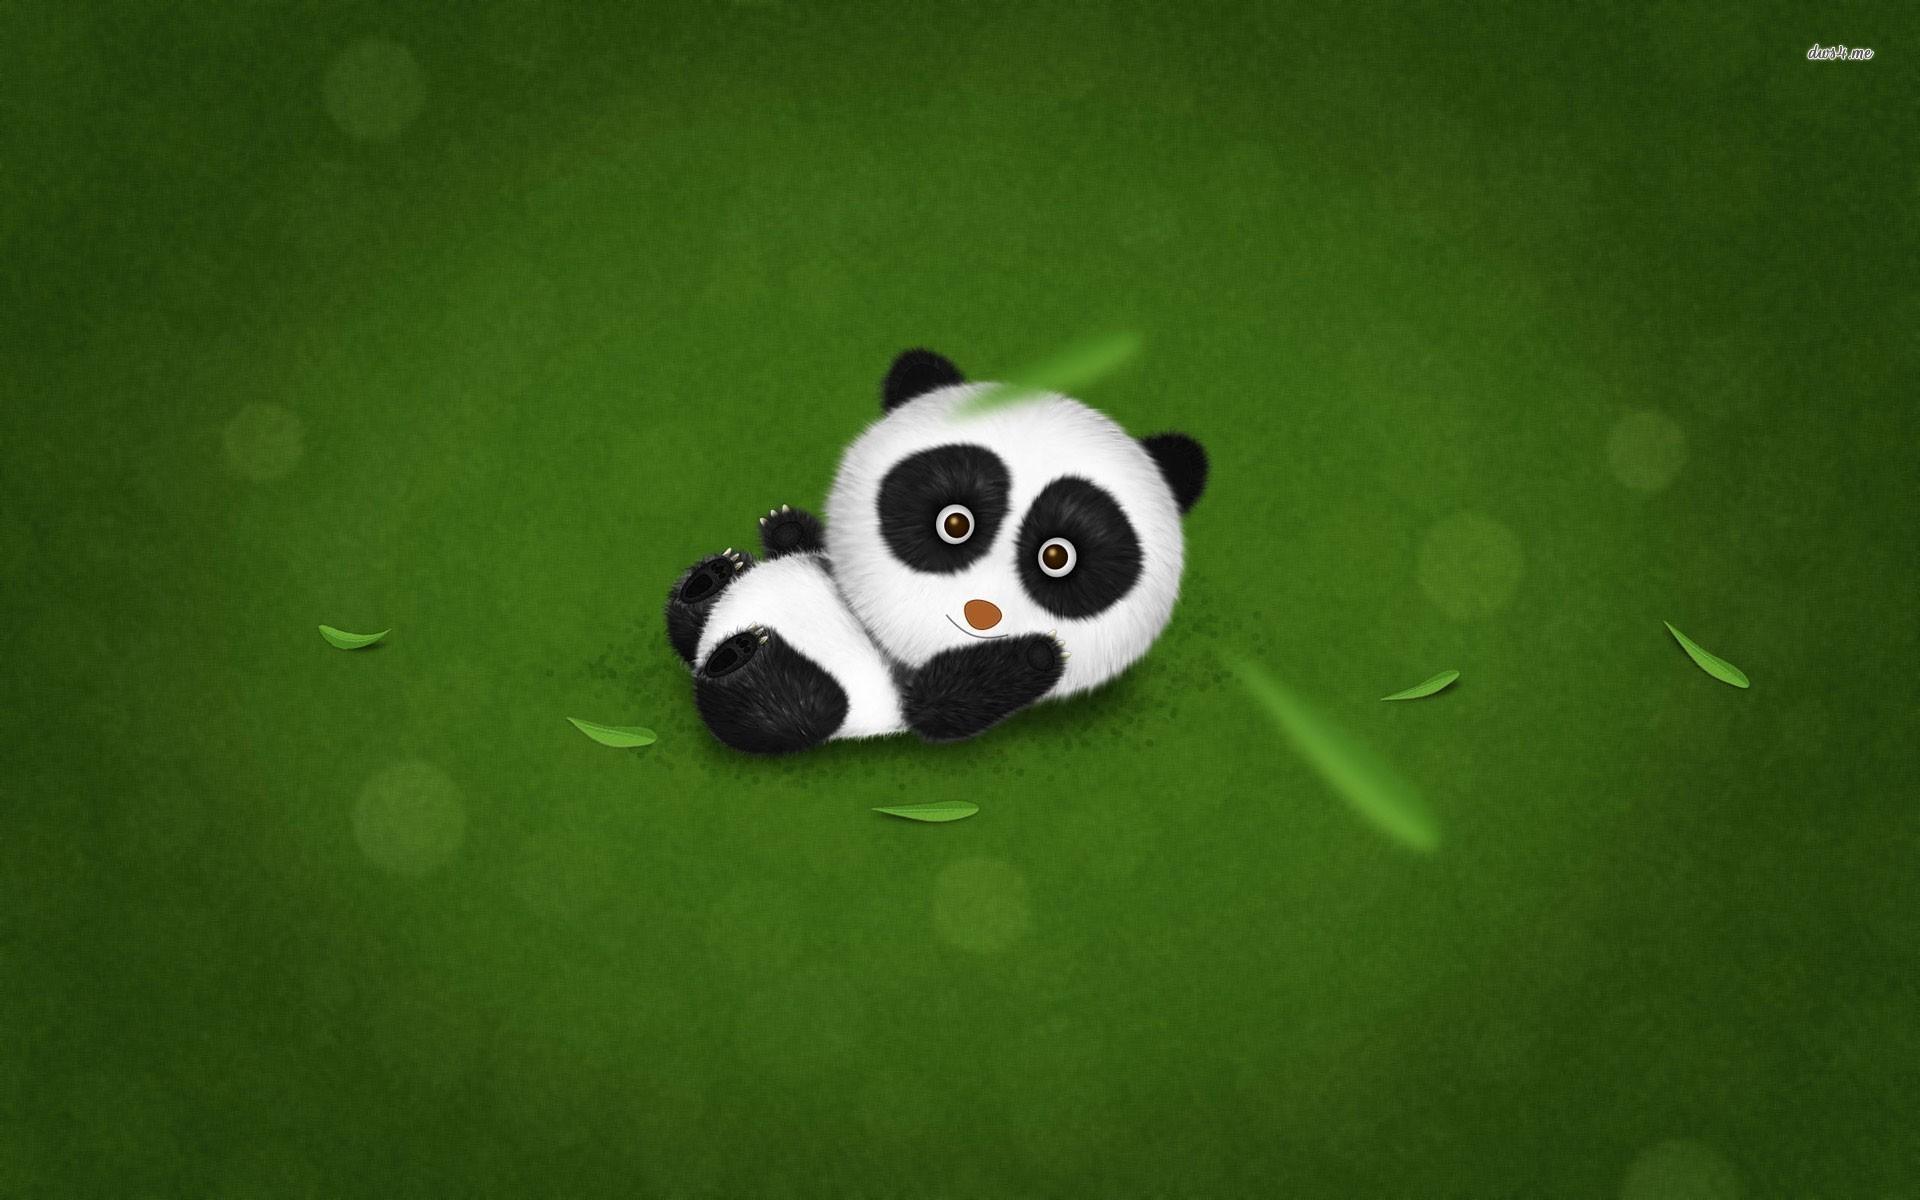 Baby panda wallpaper – Digital Art wallpapers – #10810